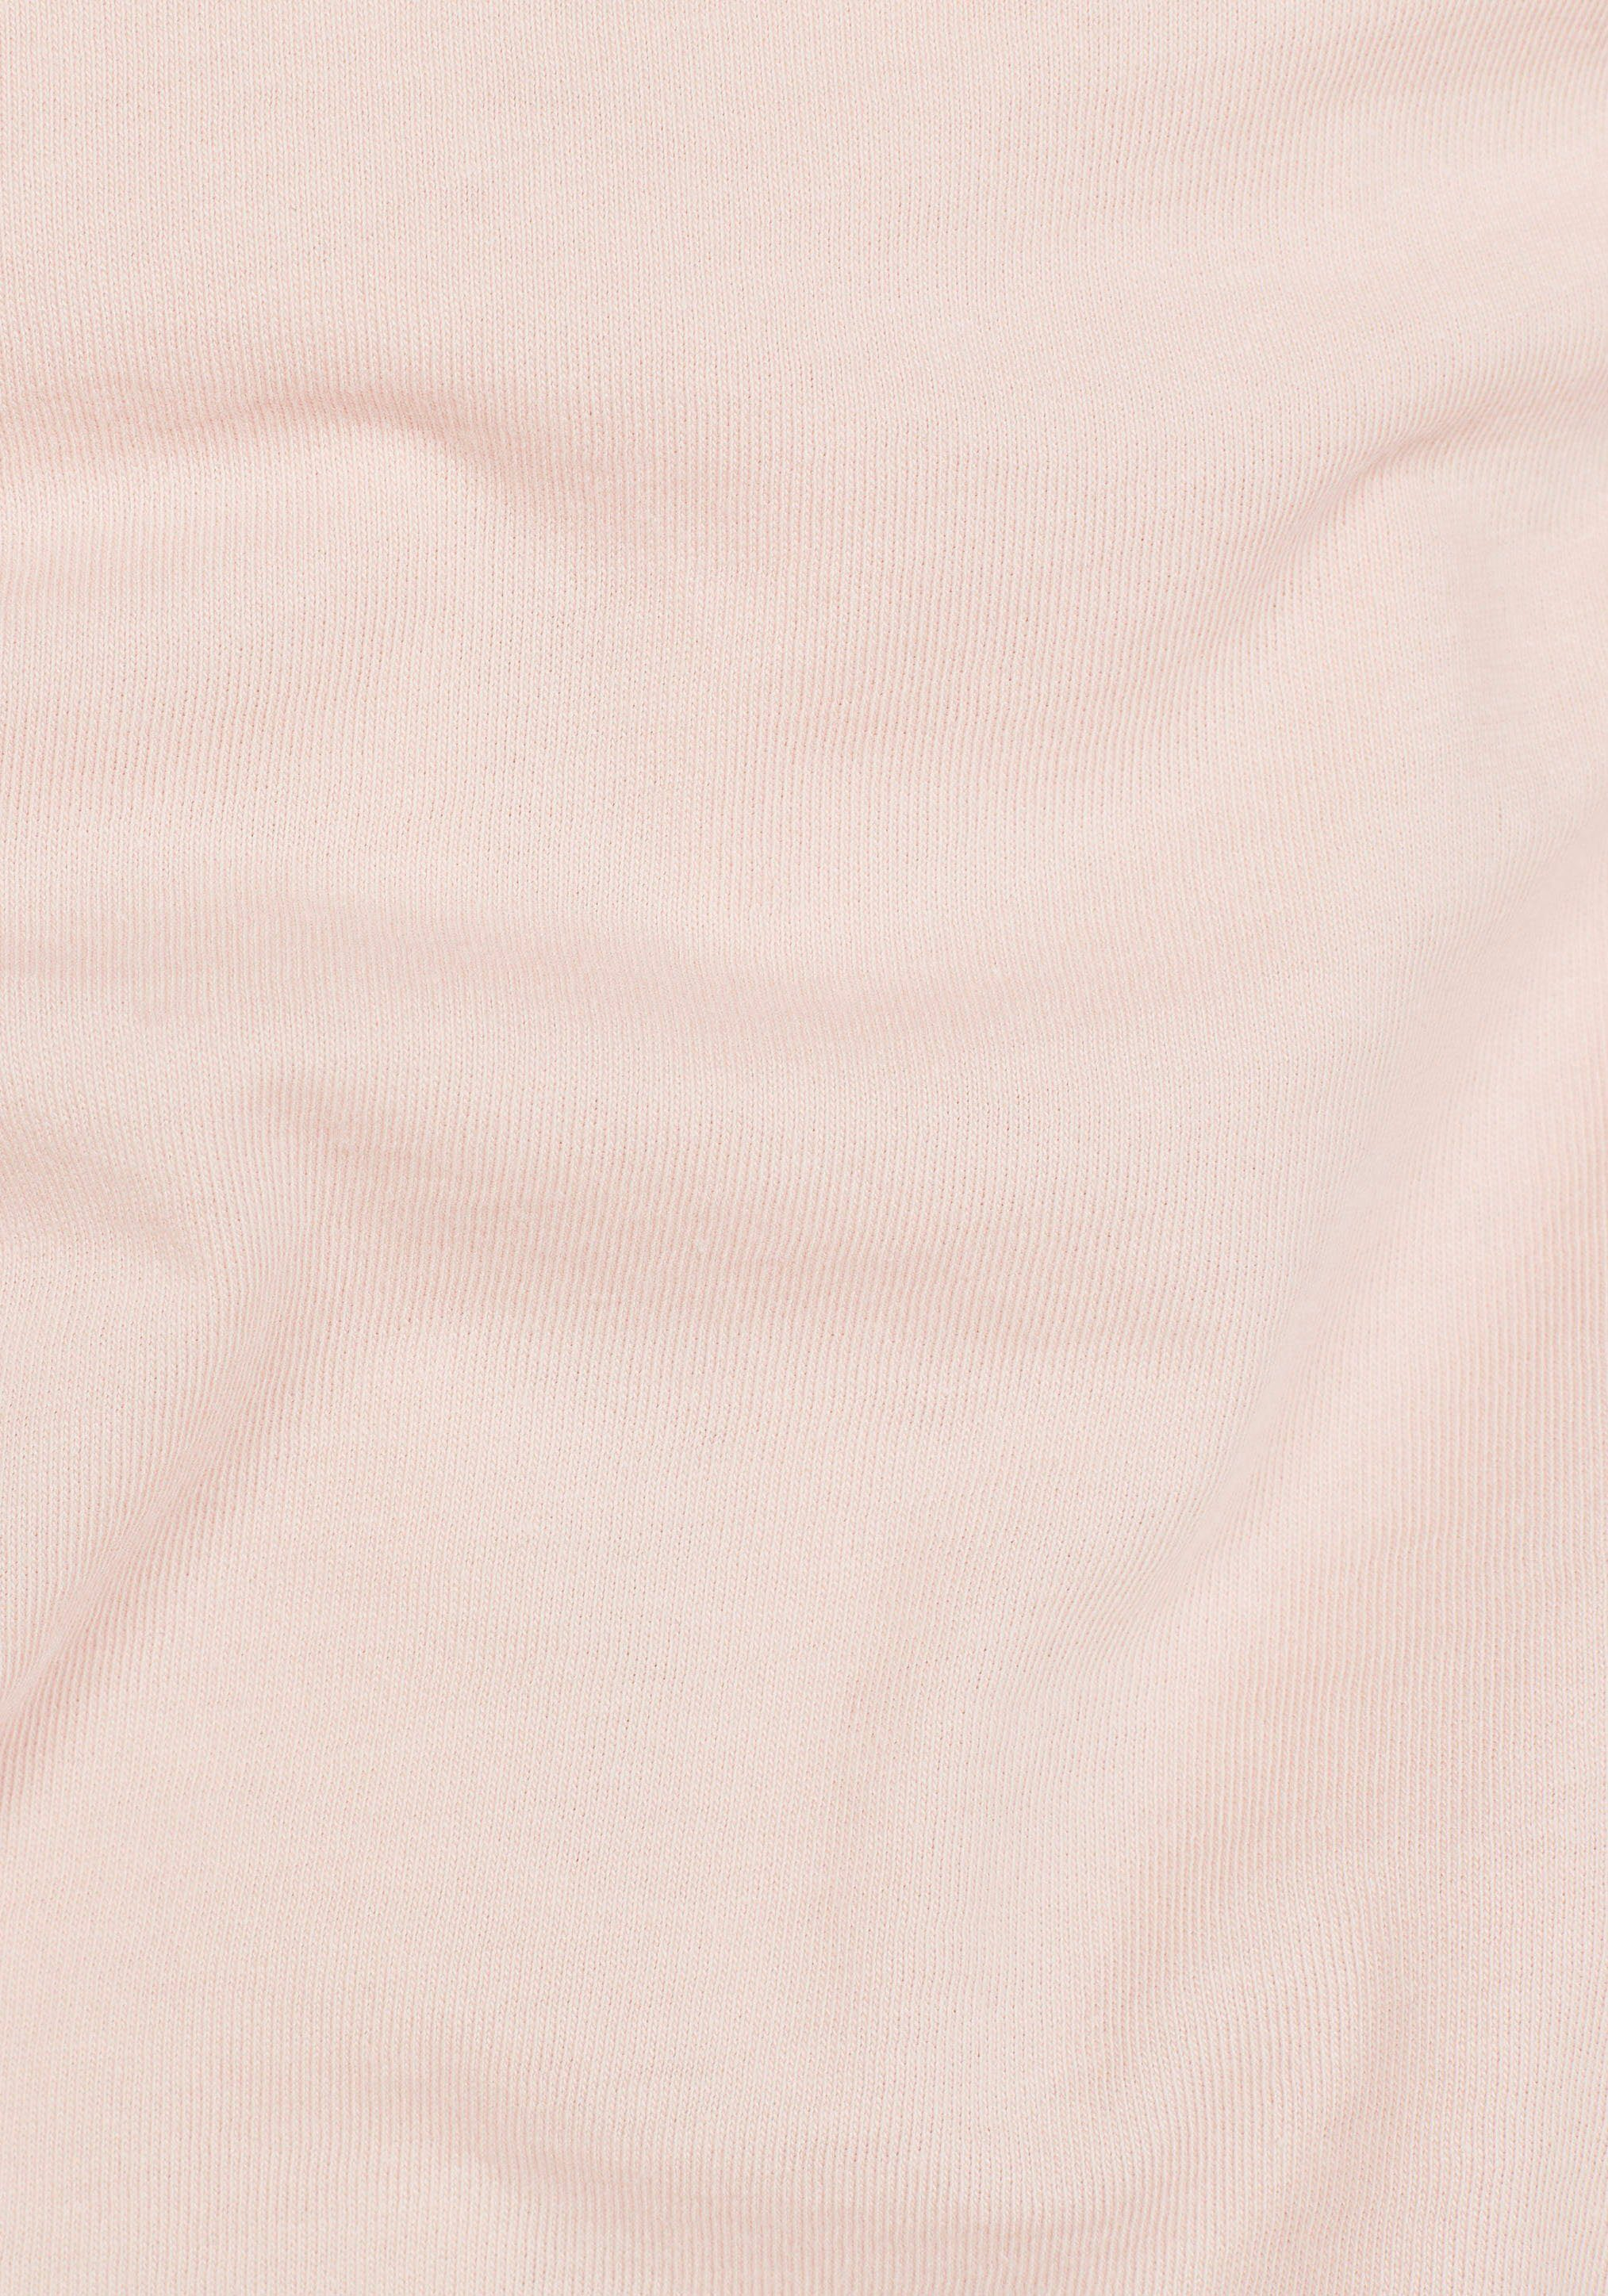 G-star Raw Rundhalsshirt Graphic 20 Slim R T Mit Logo Frontdruck Vorne Online Kaufen